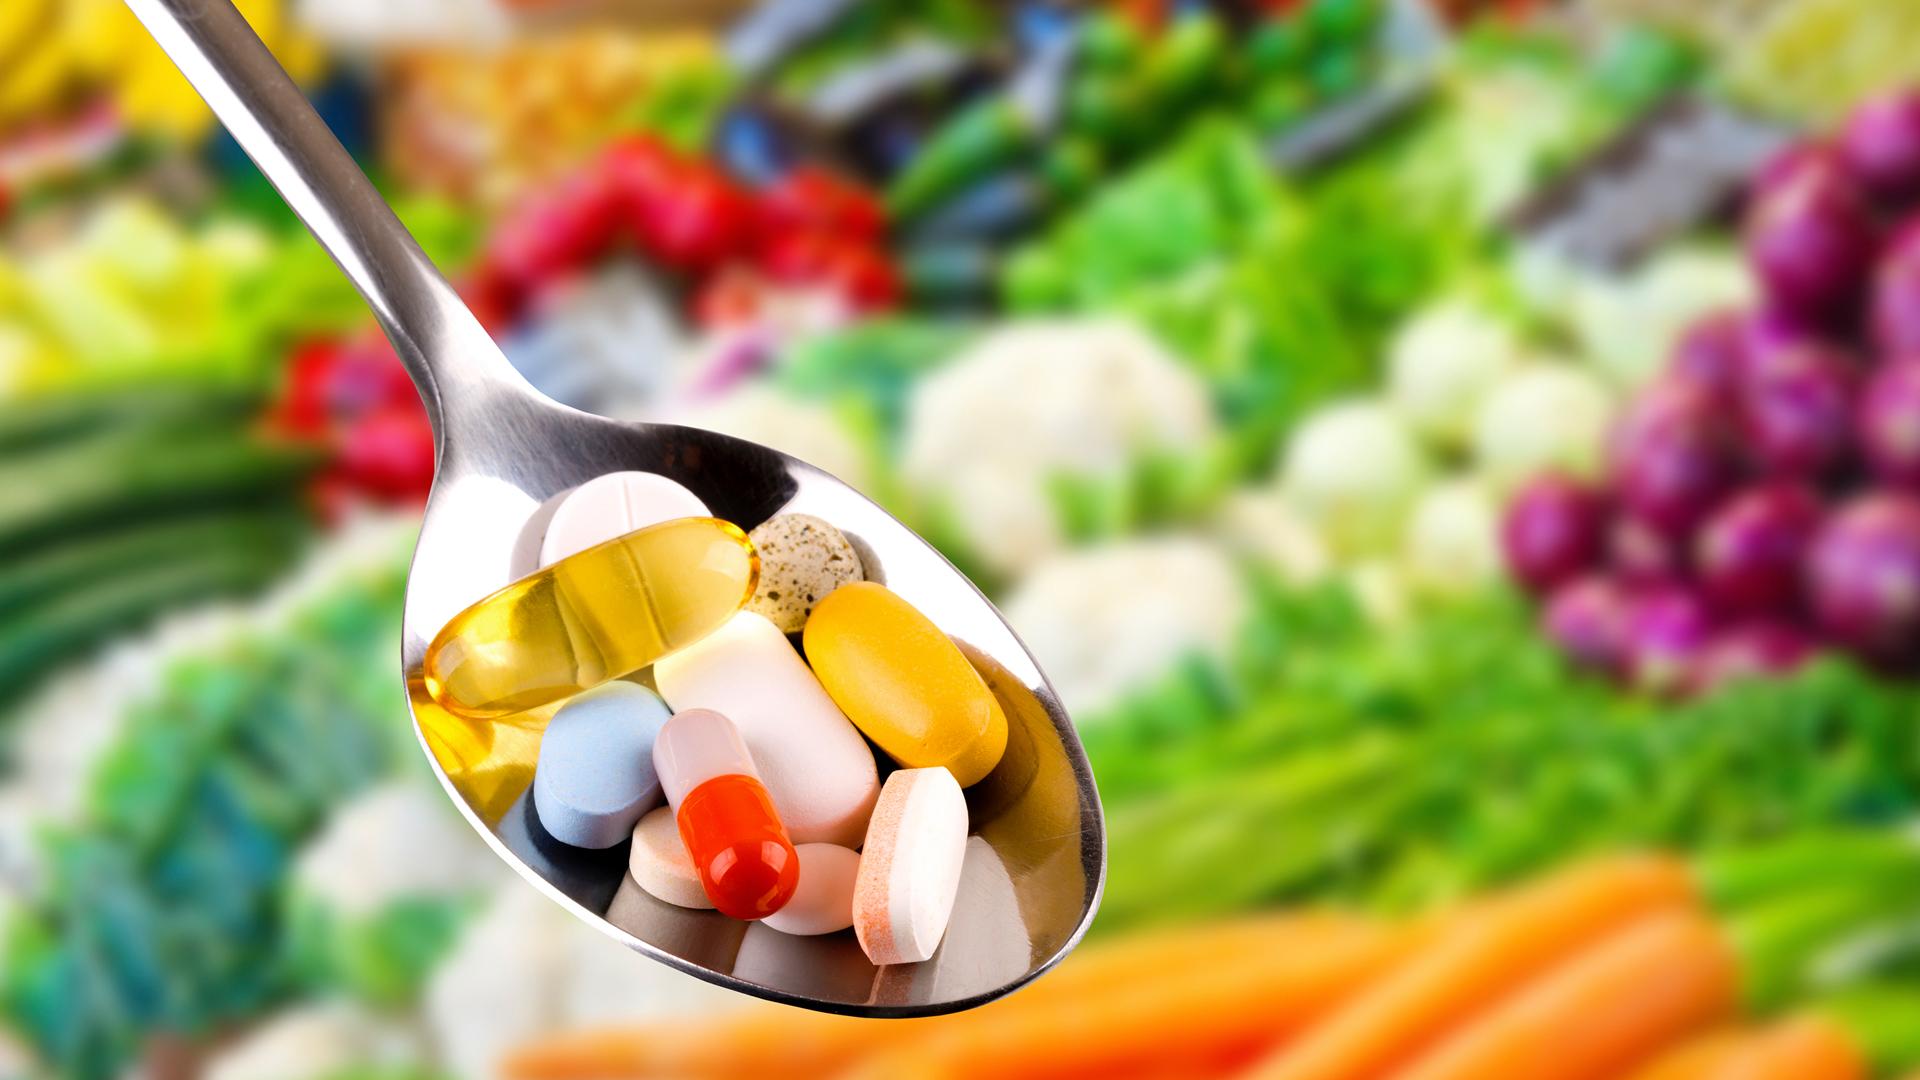 colher com diversas capsulas coloridas e legumes atrás da imagem